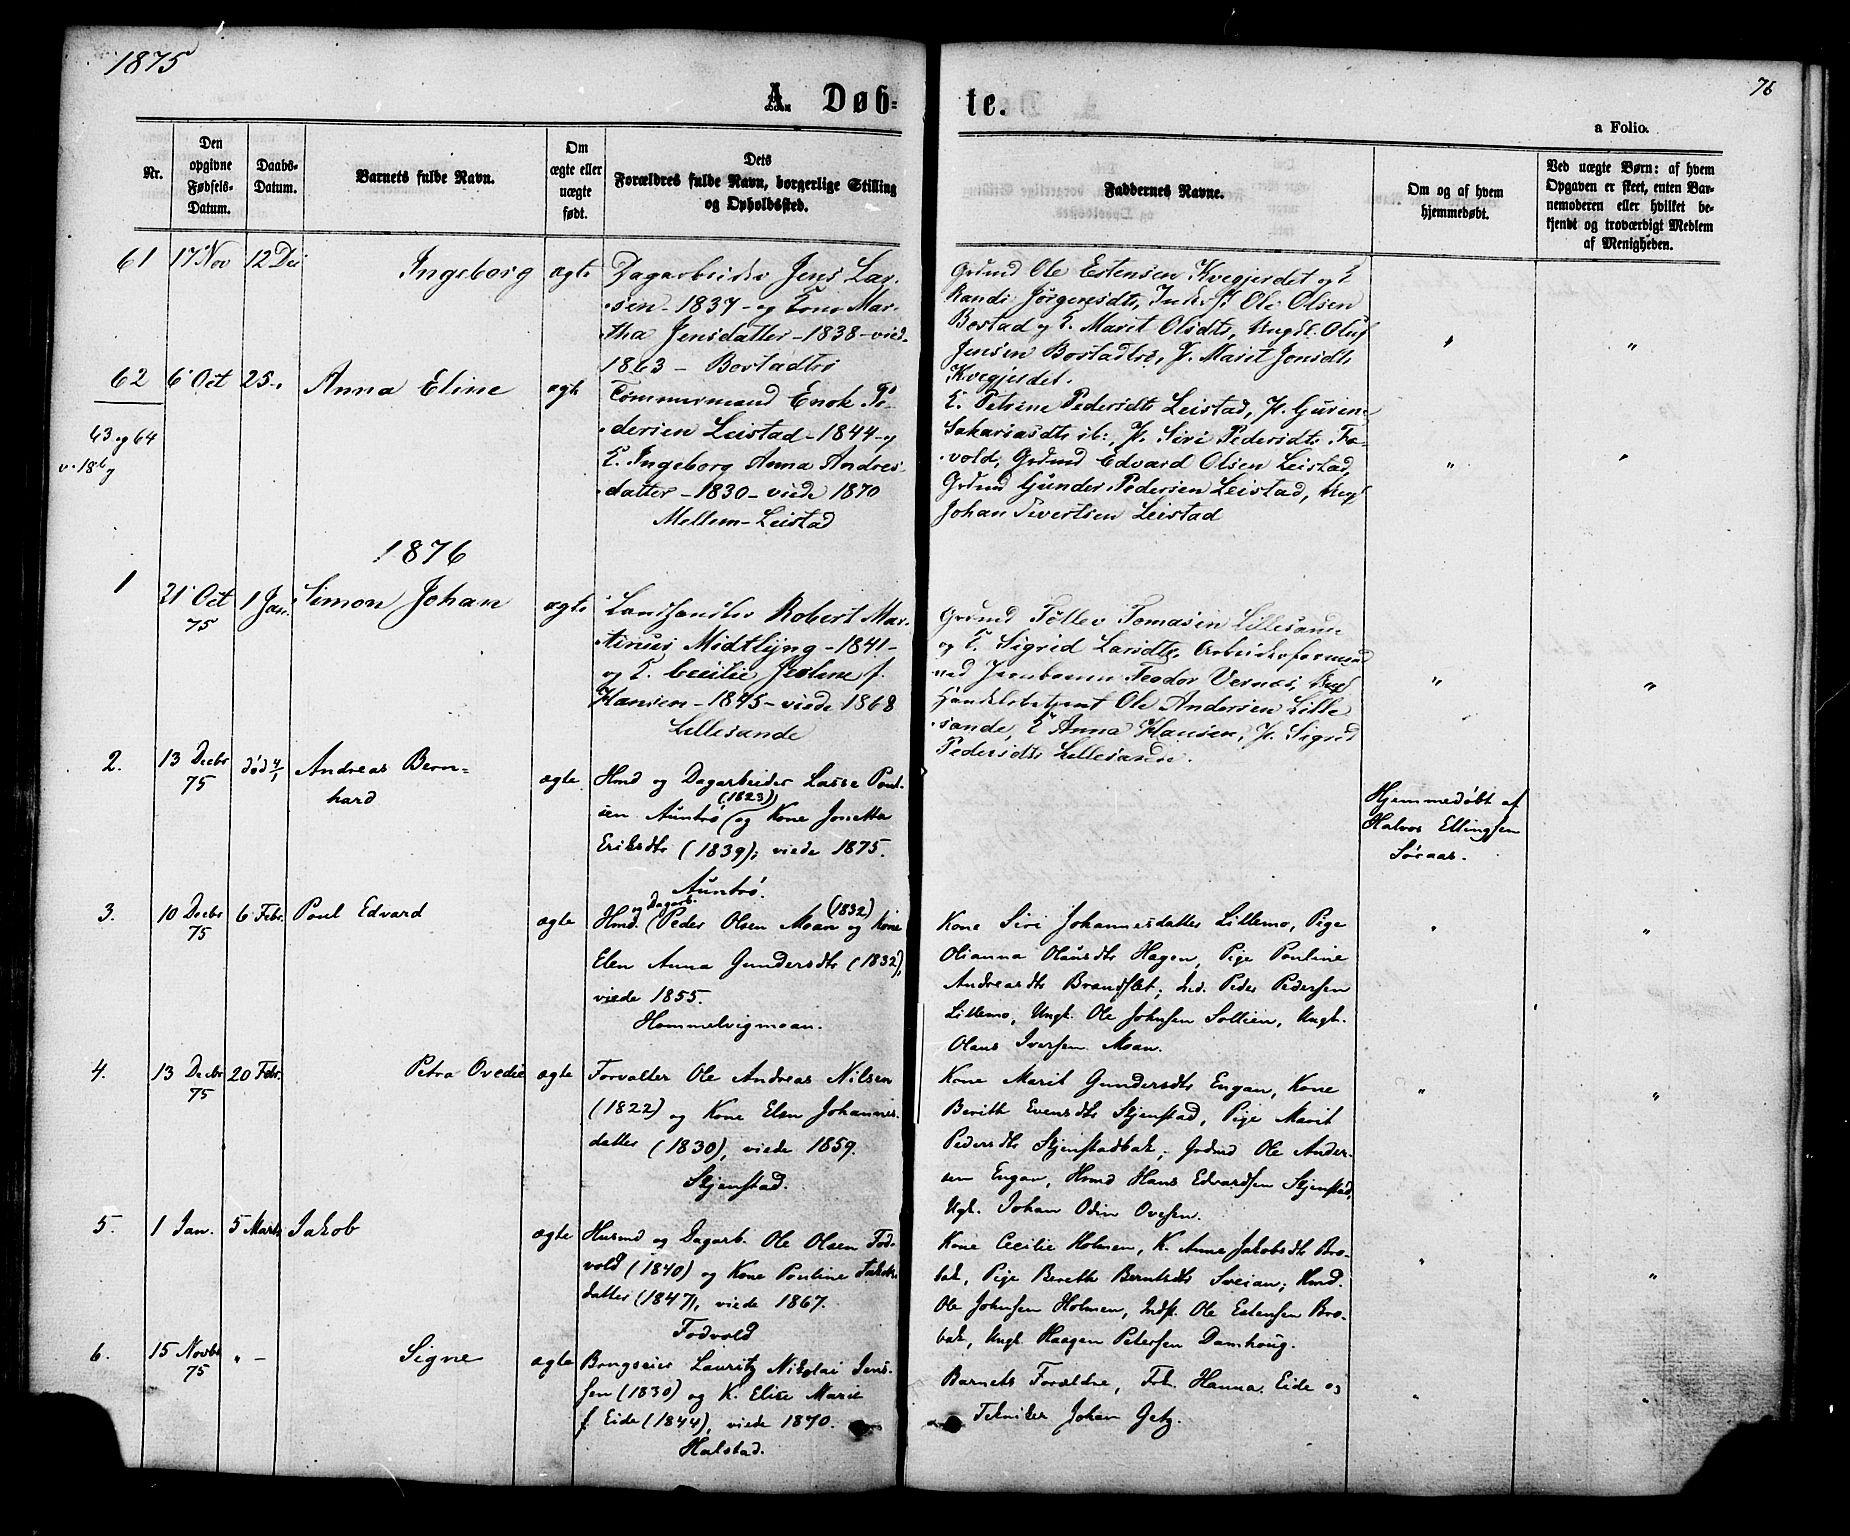 SAT, Ministerialprotokoller, klokkerbøker og fødselsregistre - Sør-Trøndelag, 616/L0409: Ministerialbok nr. 616A06, 1865-1877, s. 76